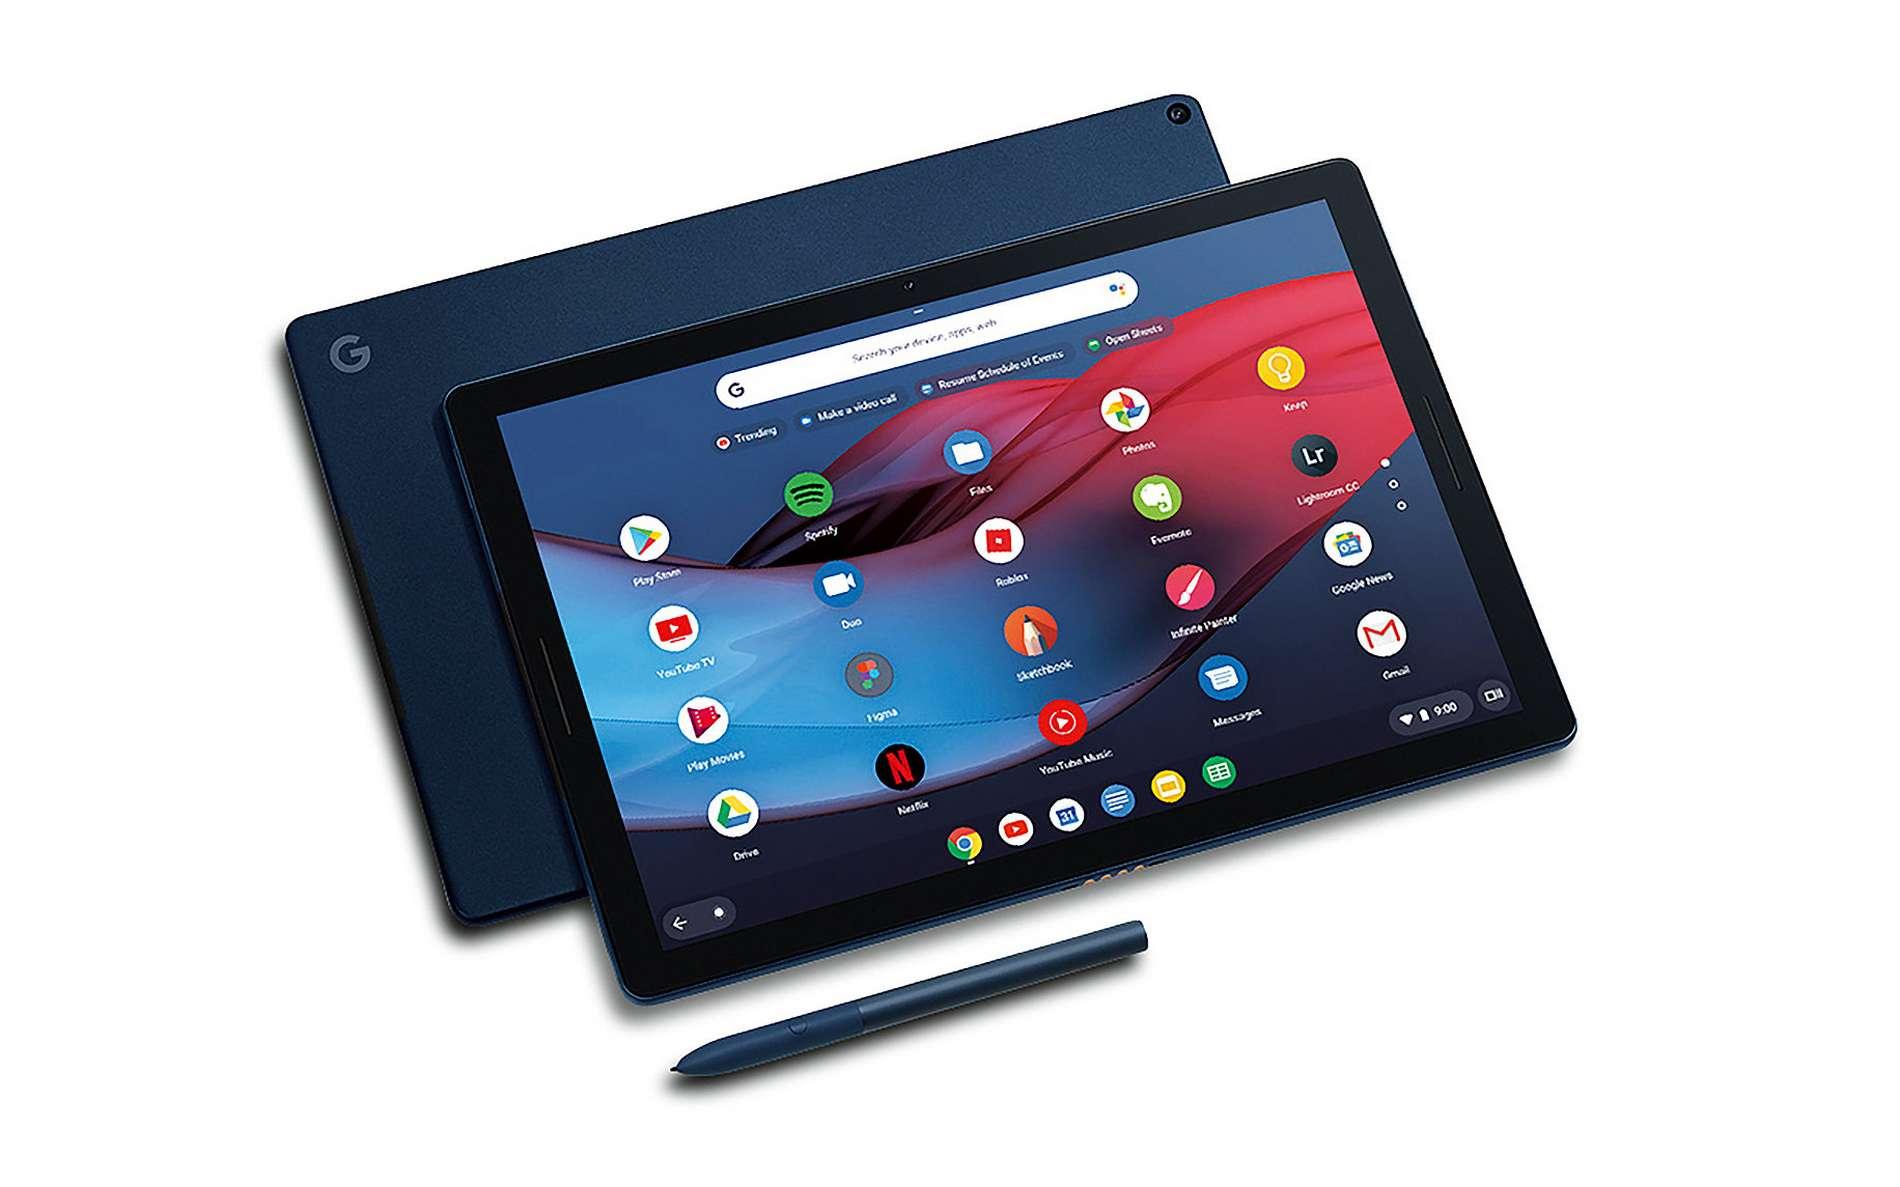 D'un balayage de la main, on pourra bientôt passer d'une application à une autre ou d'un onglet à un autre dans Chrome OS. © Google